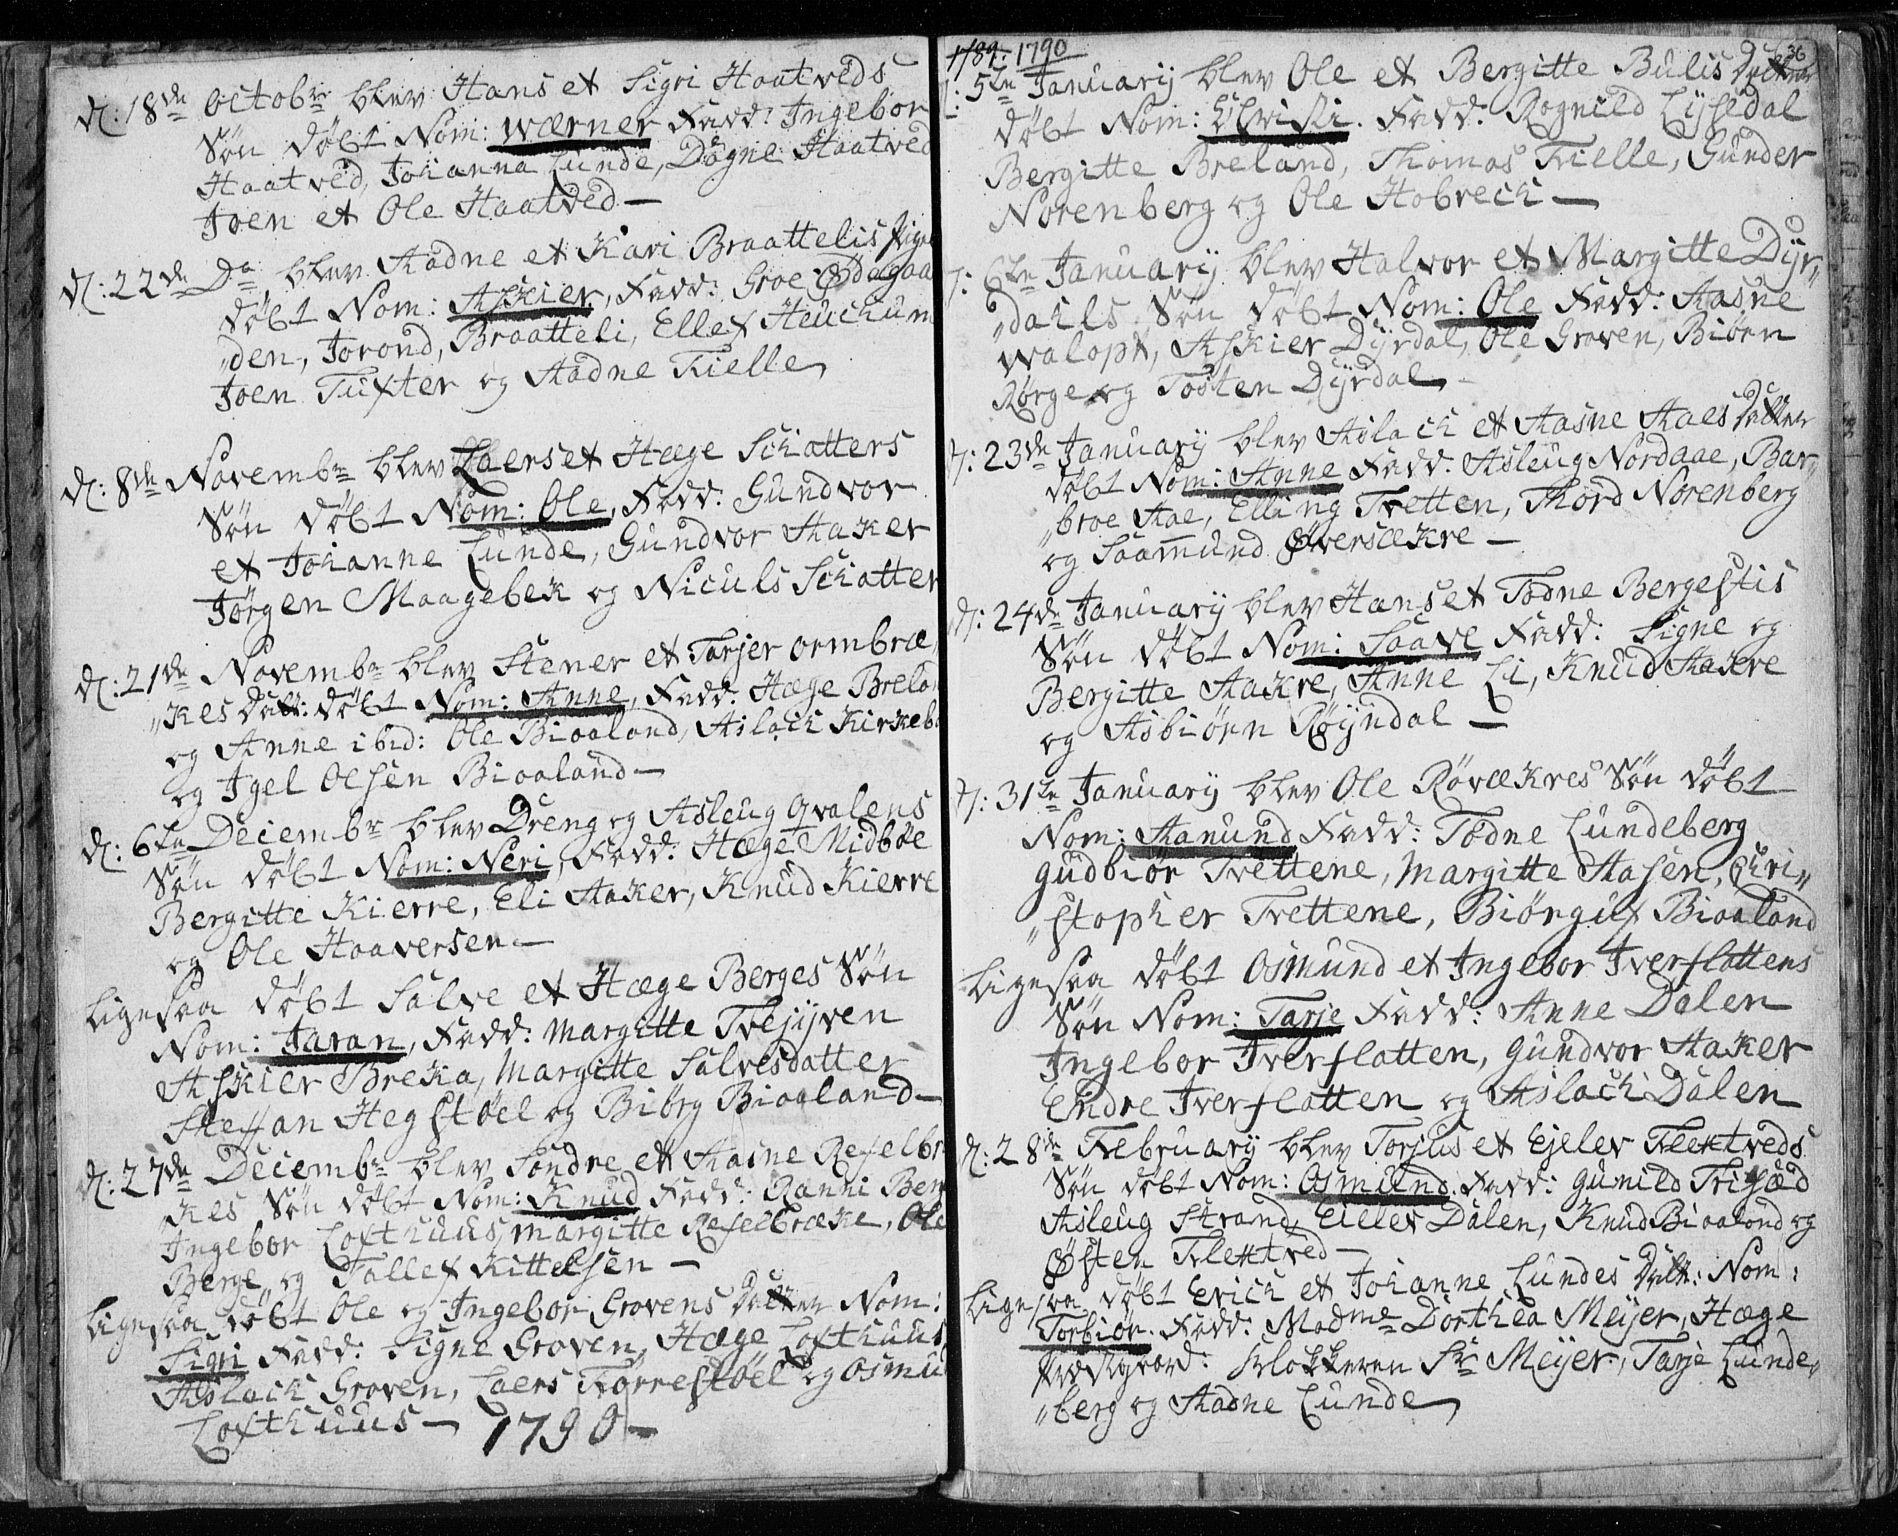 SAKO, Lårdal kirkebøker, F/Fa/L0003: Ministerialbok nr. I 3, 1754-1790, s. 36